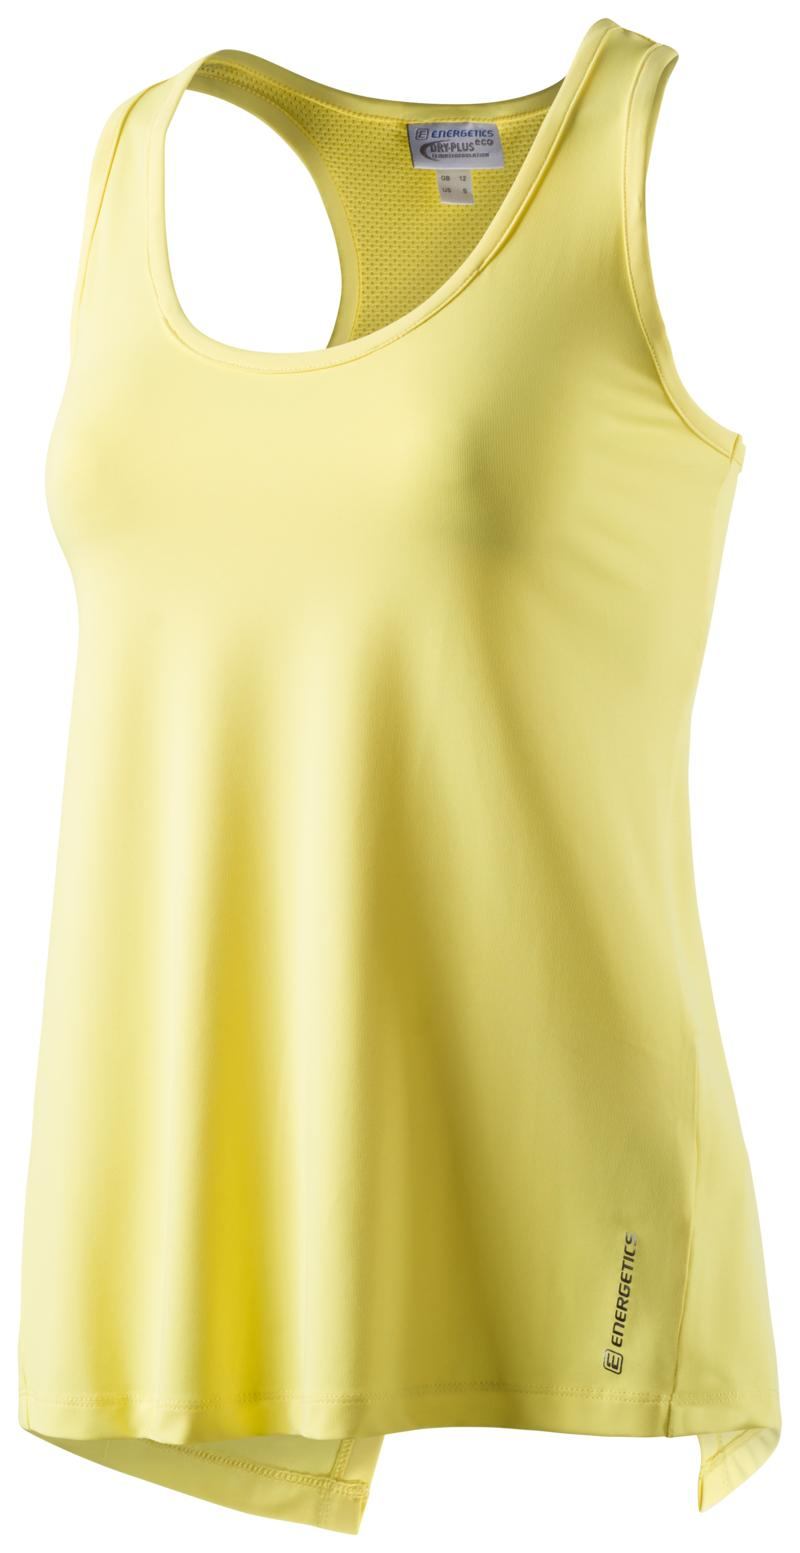 Energetics GADY WMS, majica, žuta